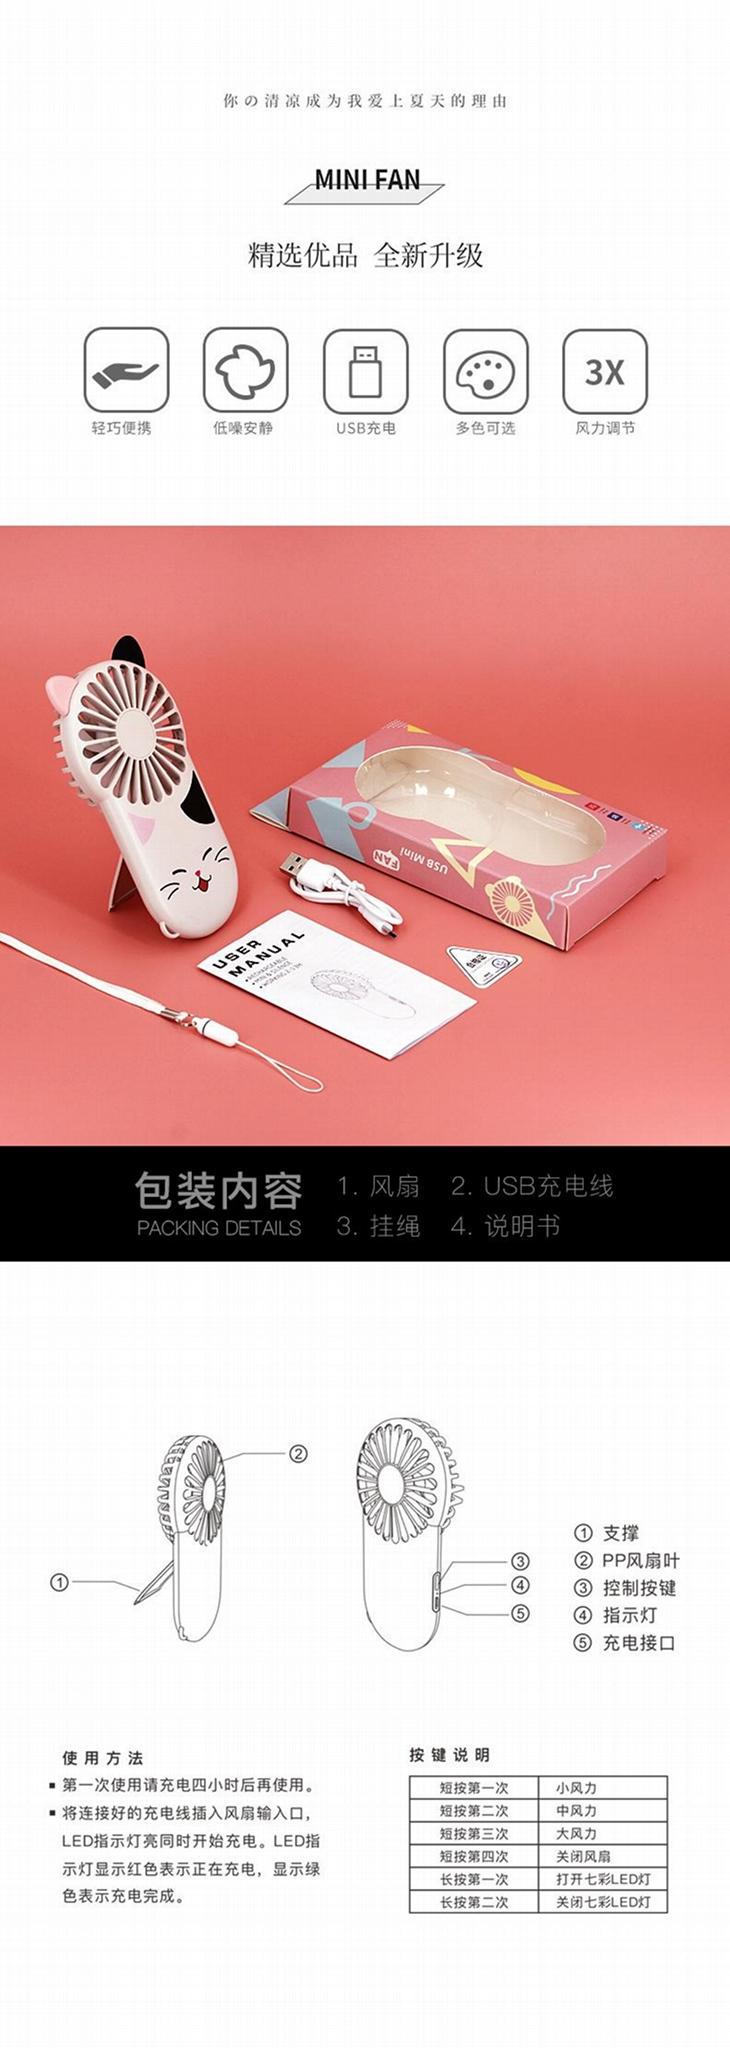 夜灯超薄小风扇便携式 USB充电 背隐藏支架 日式可爱治愈多挡风 13